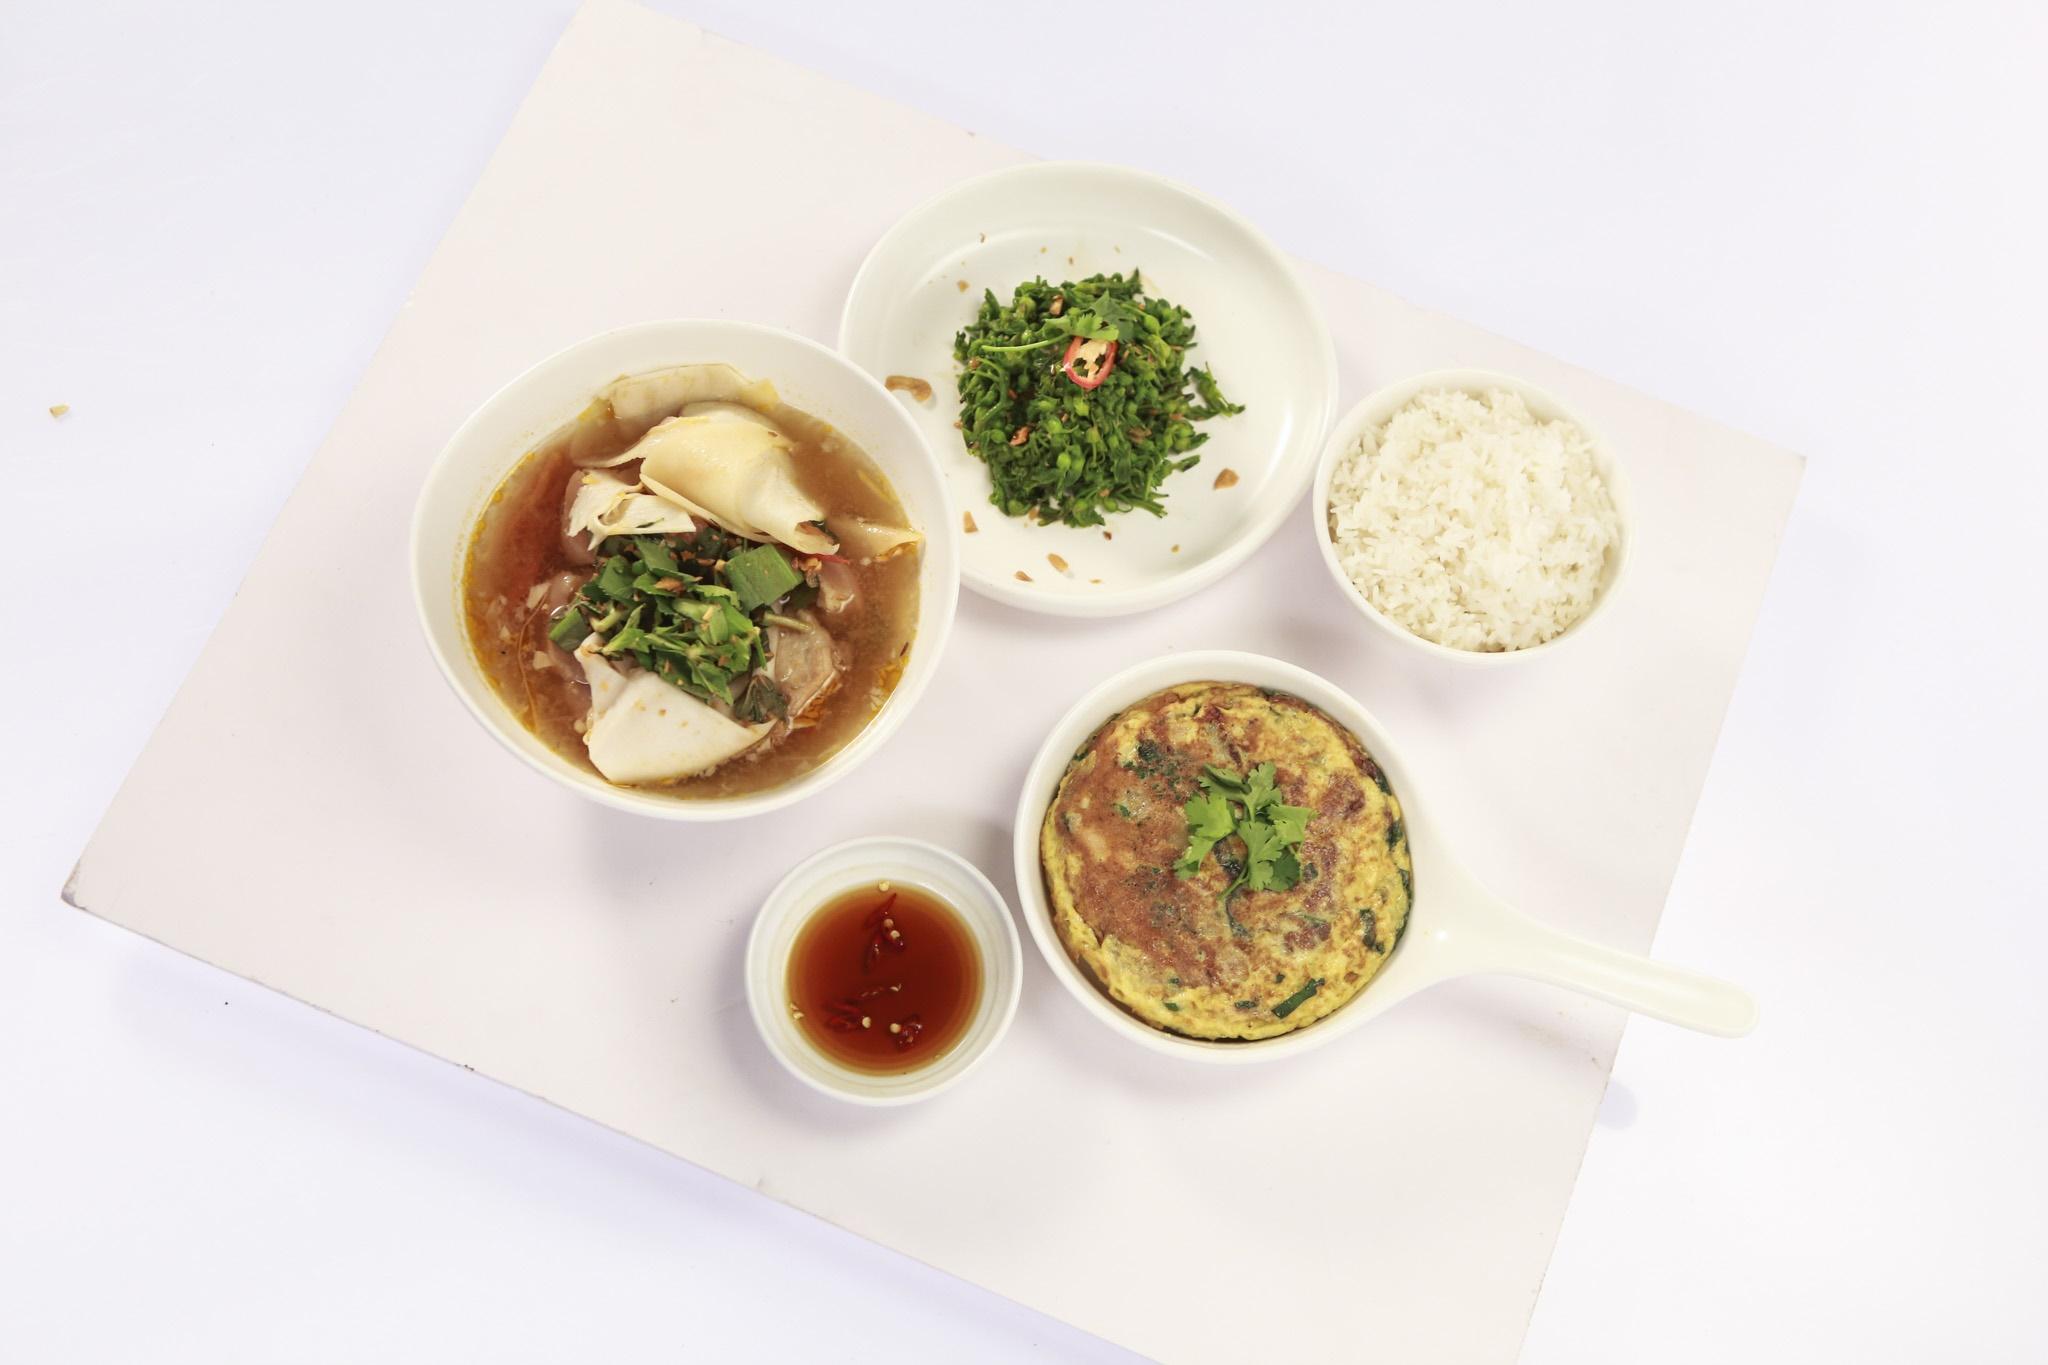 Món ăn yêu thương nấu cho người cha bị liệt đã khuất của chef Yến Nhi khiến Lý Nhã Kỳ bật khóc vì quá giống hoàn cảnh mình - Hình 5